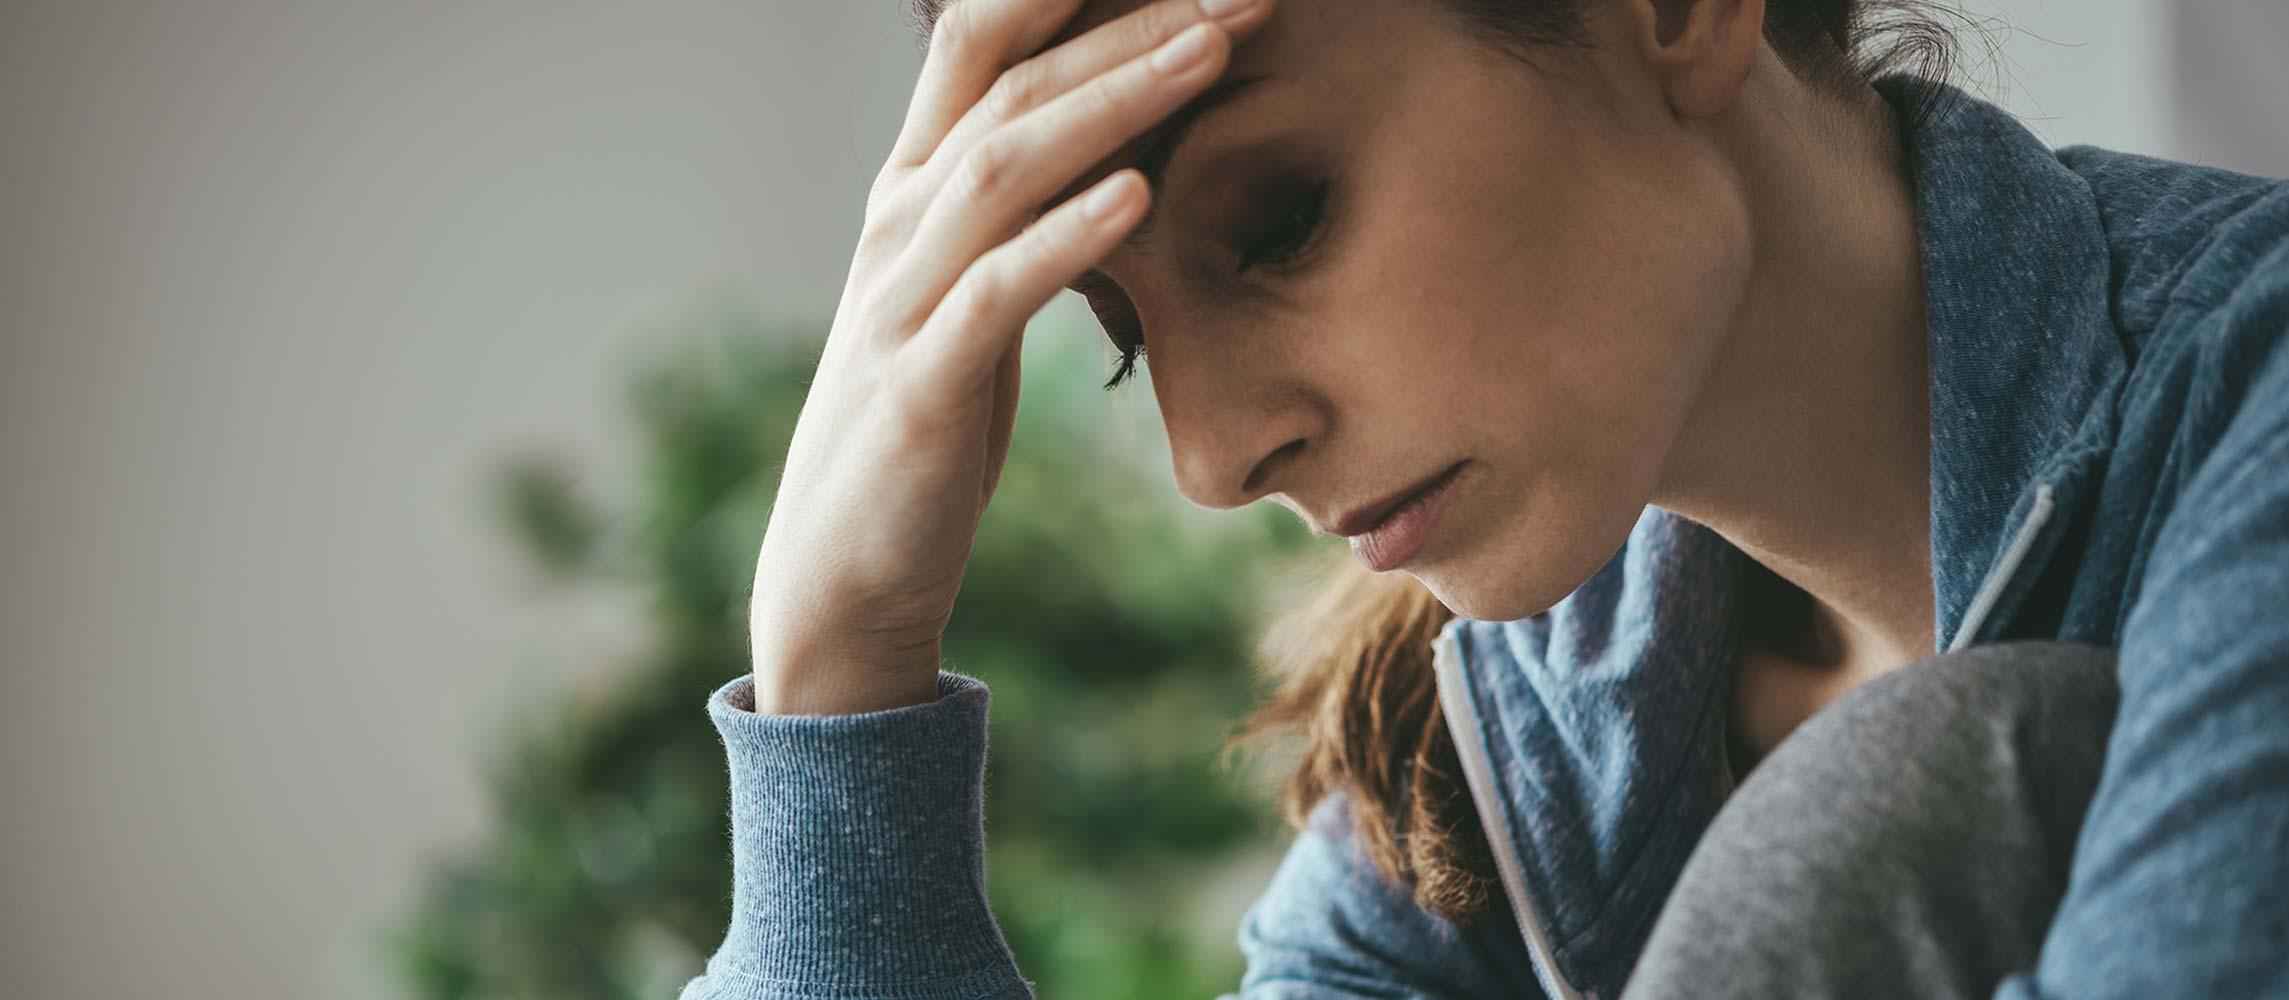 Stress und Angst in der Coronakrise